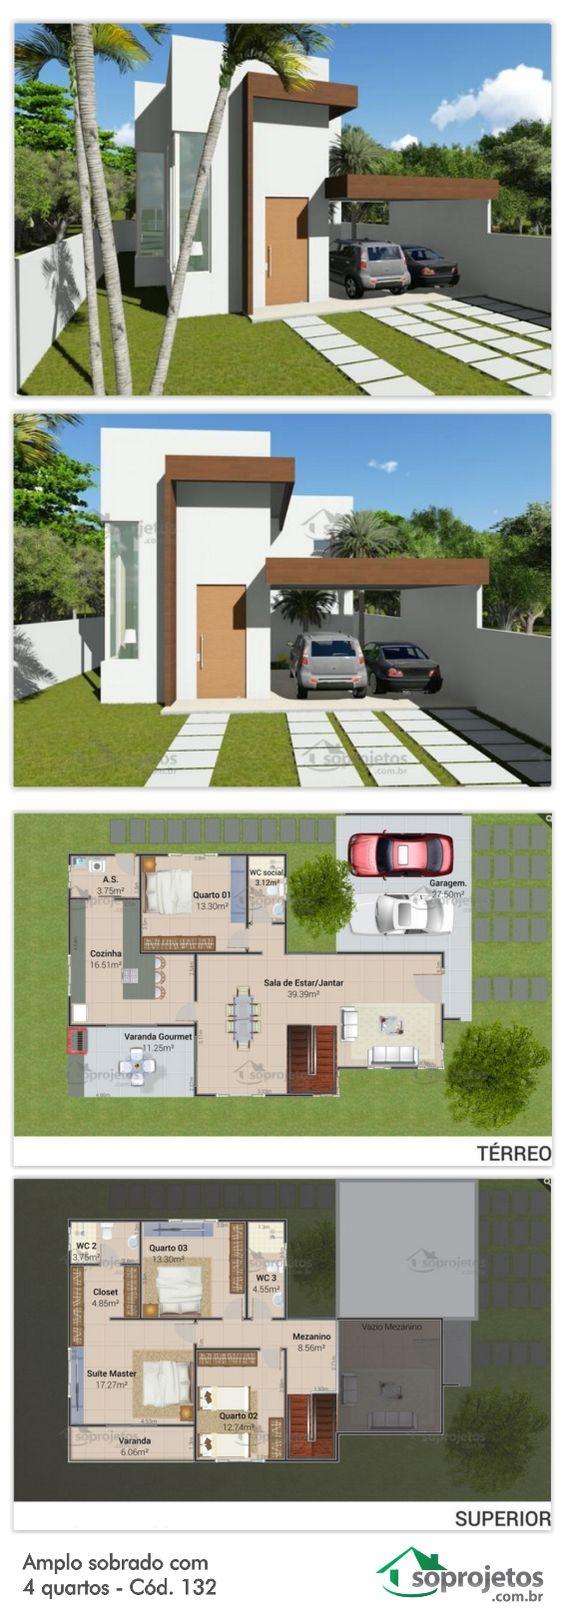 Fotos de plantas de casas com fachadas moderna com garagem